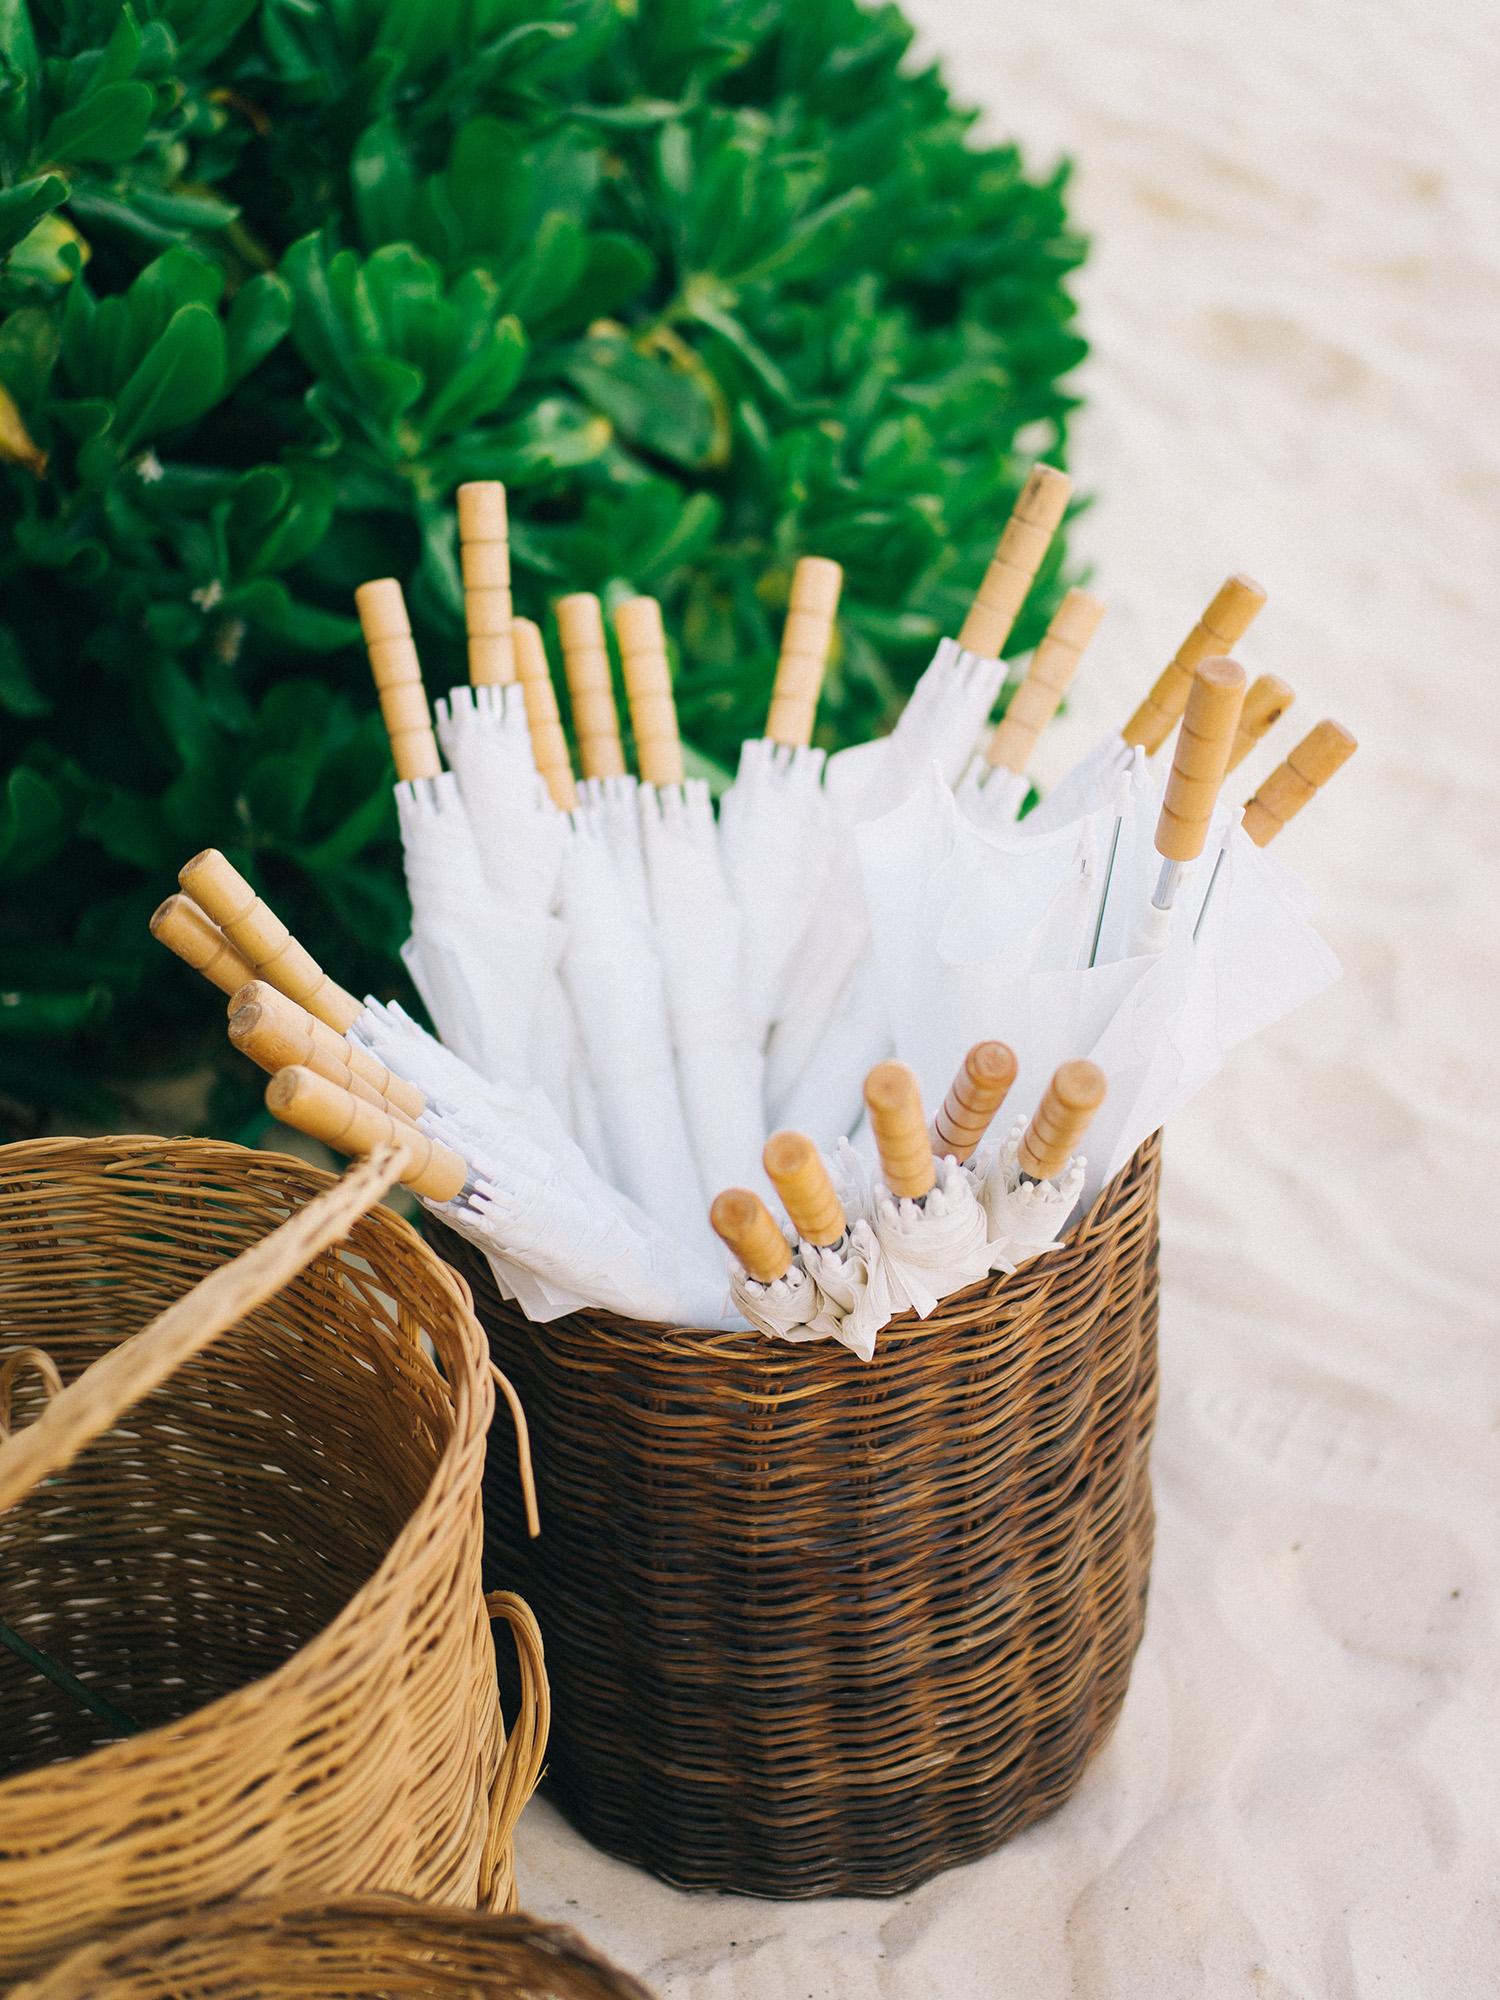 Umbrella wedding favors for an outdoor beach wedding